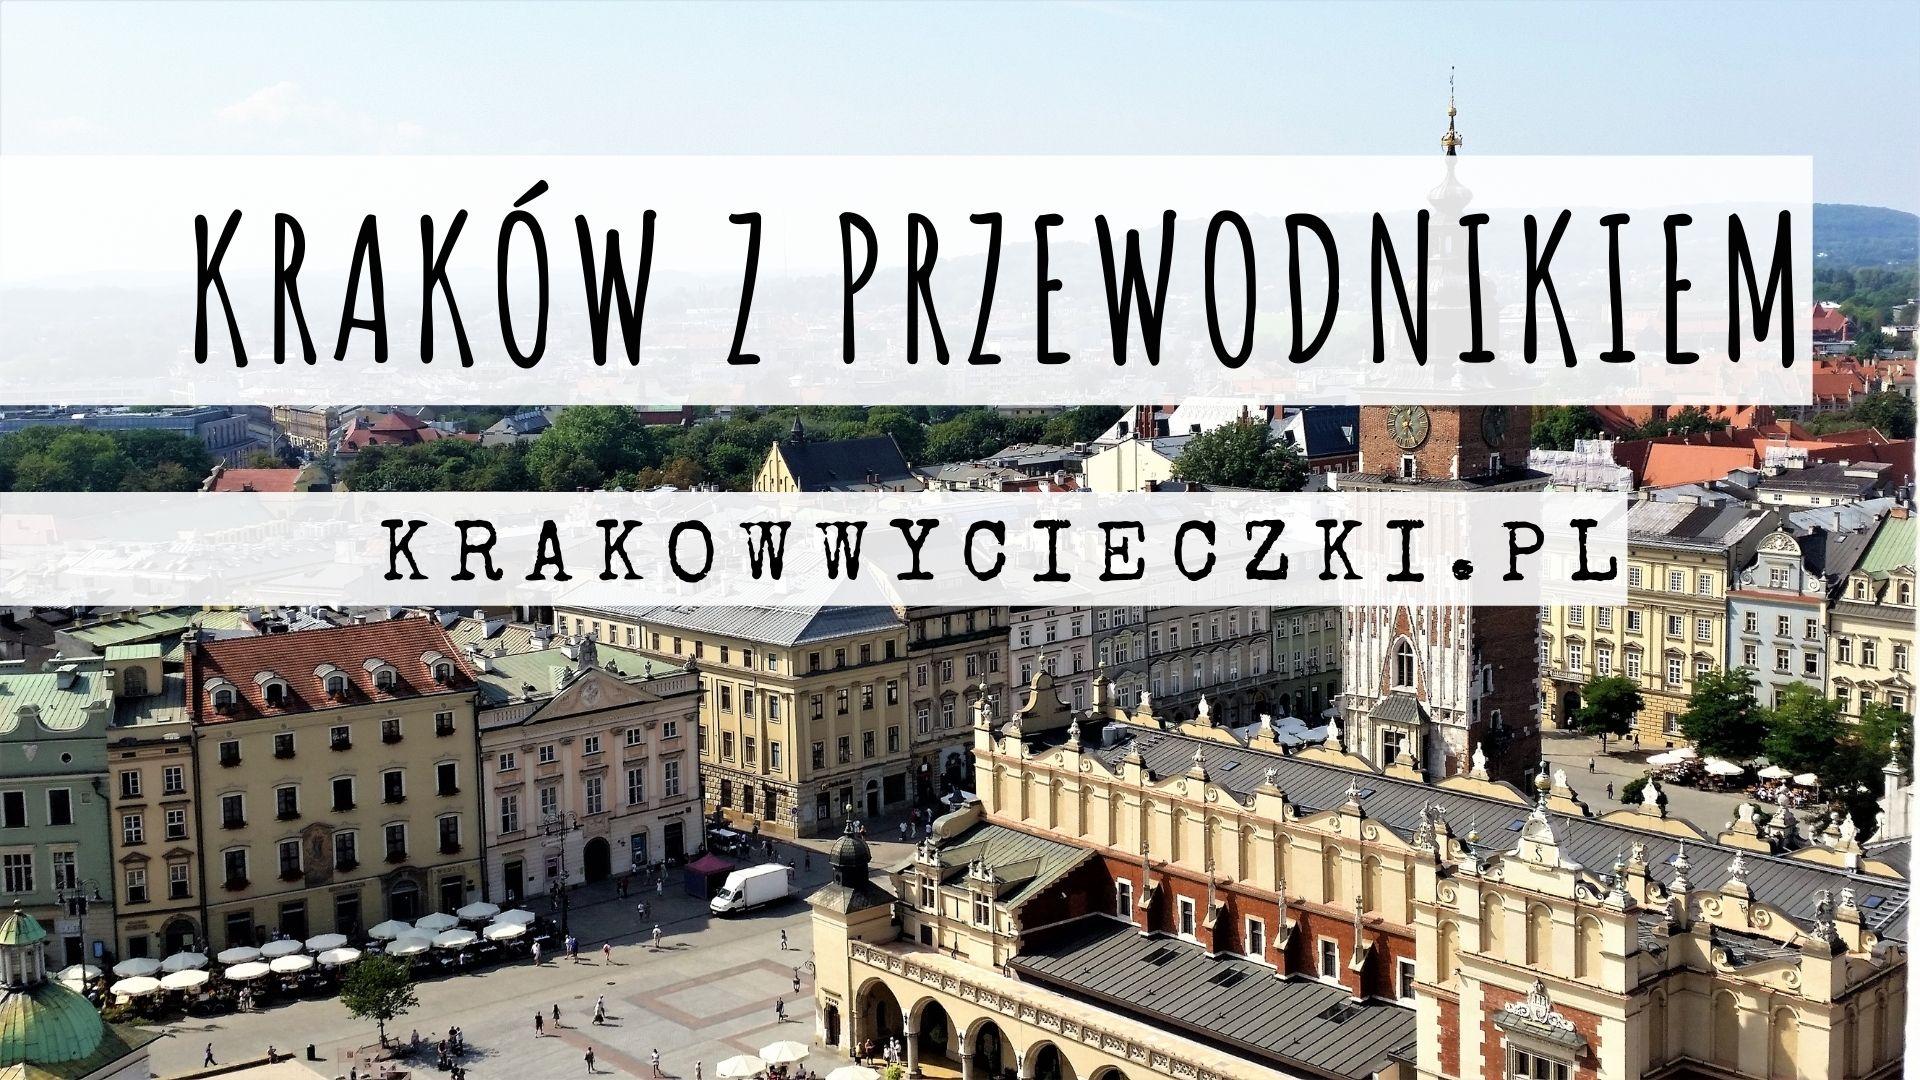 Rynek Główny w Krakowie z przeowdnikiem_krakowwycieczki.pl